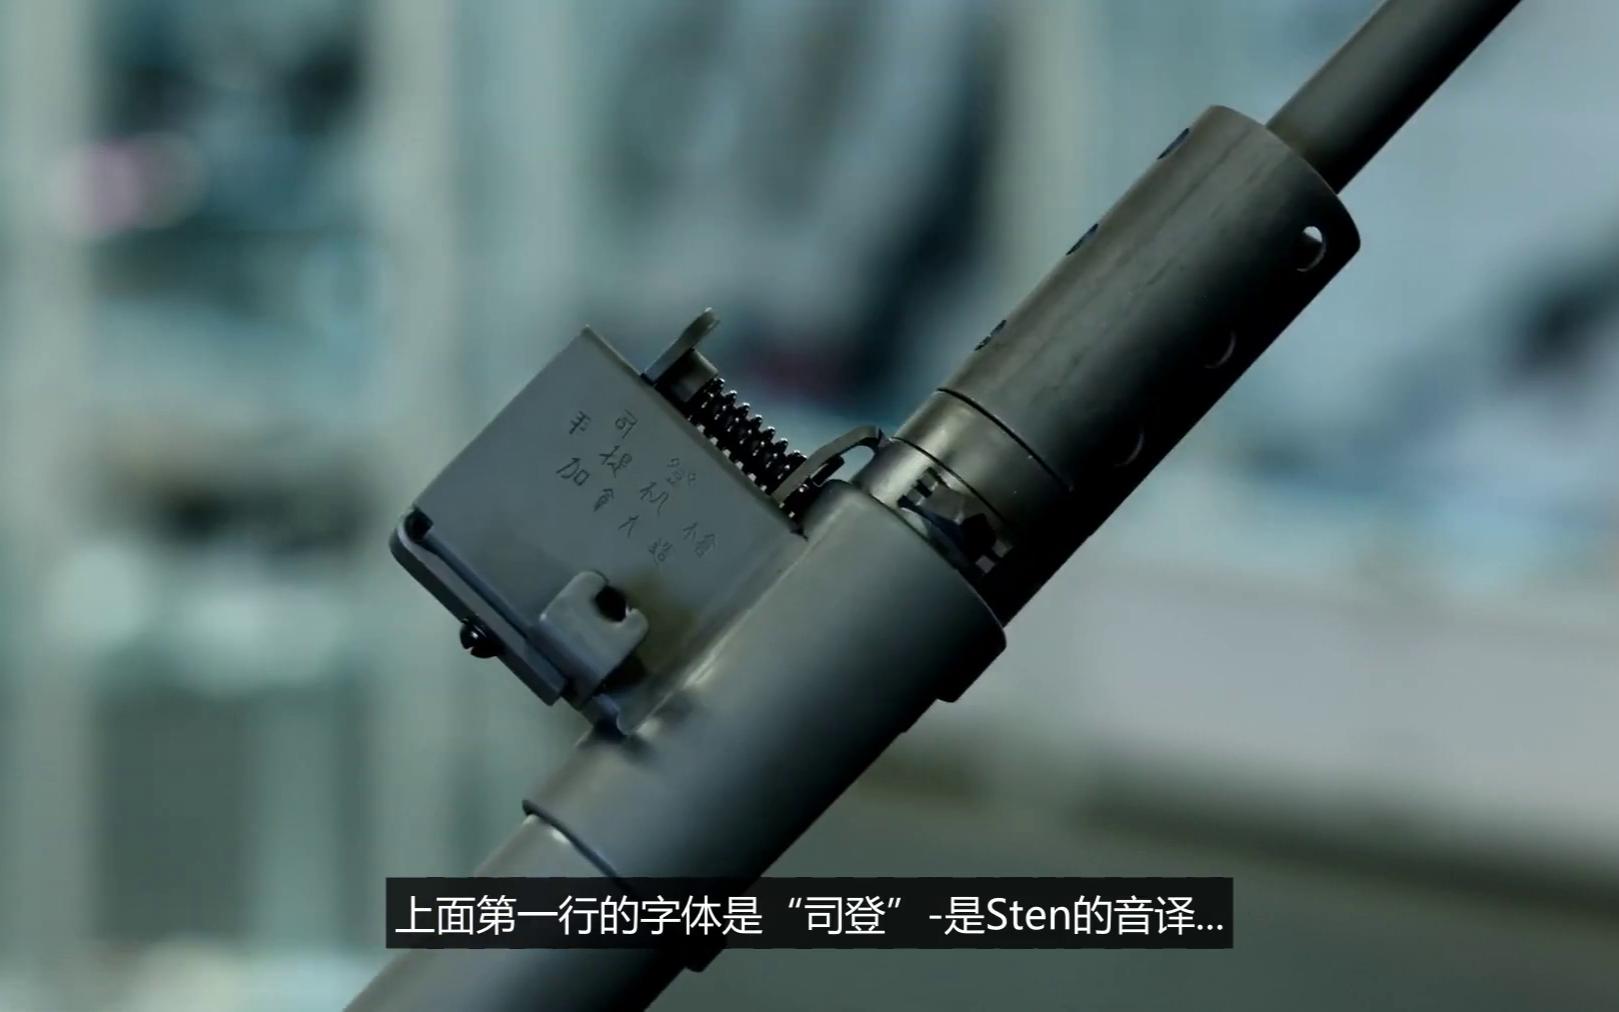 【中字/Nono Cat妹子测评】打鬼子利器-东北制作所加拿大Mk.2司登援中版气动回膛发射器测评